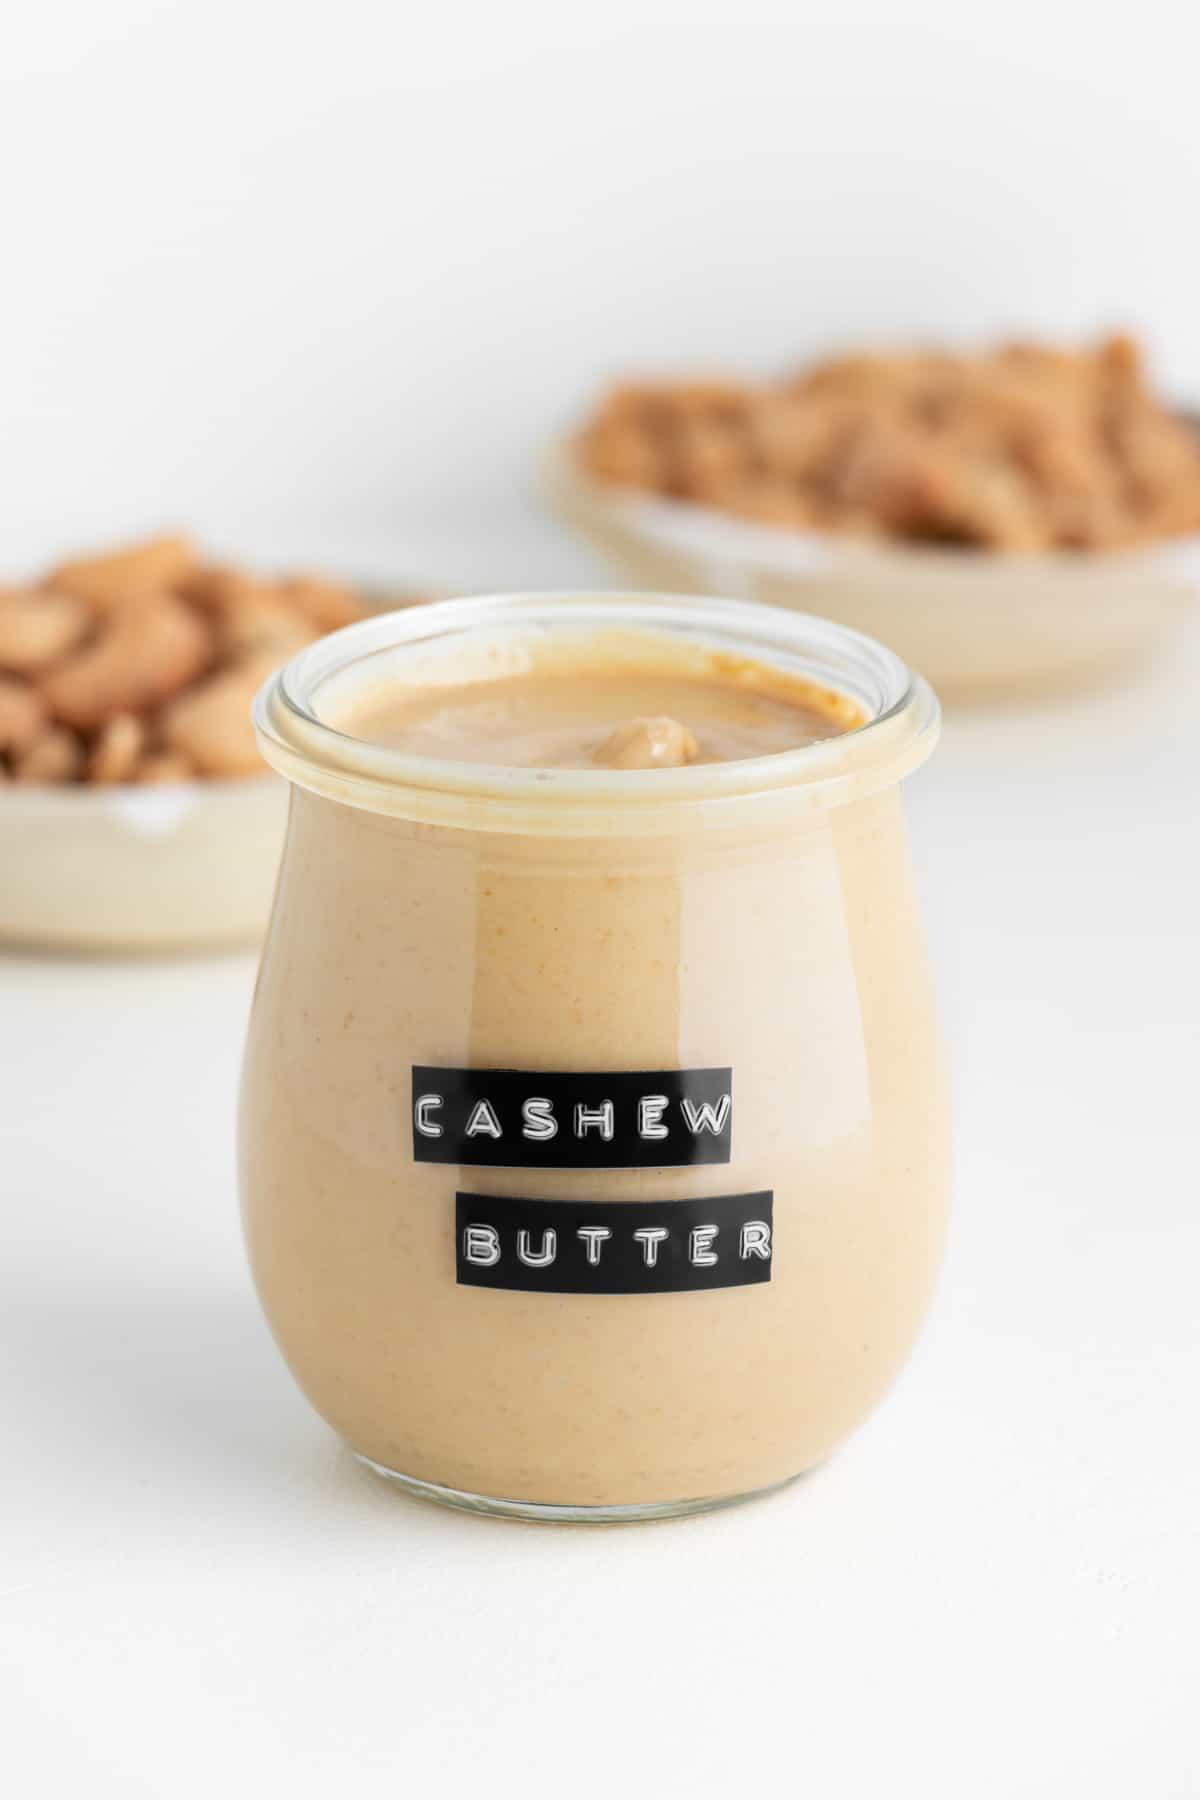 homemade cashew butter inside a glass weck jar